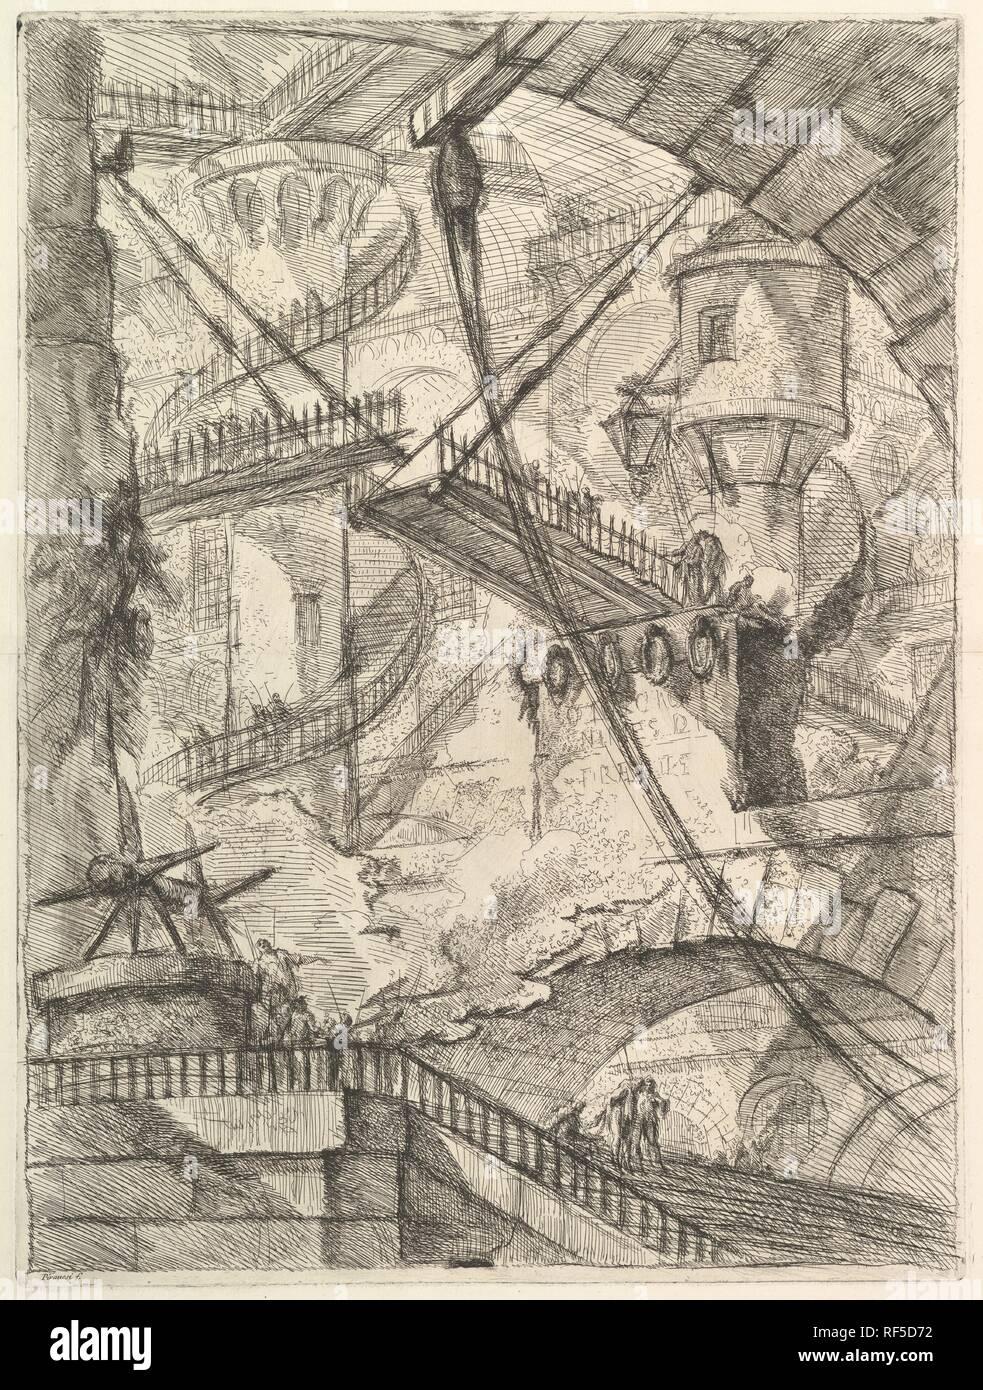 Le pont-levis, de Carceri d'invenzione (Prisons imaginaires). Artiste: Giovanni Battista Piranesi (Italien, Mogliano Veneto Rome 1720-1778). Dimensions: Plateau: 21 x 16 1/8 à 5/8. (54,9 x 40,9 cm): feuille 24 x 19 15/16 7/16 in. (63,4 x 49,3 cm). Editeur: Giovanni Bouchard (Français, ca. 1716-1795). Series/portefeuille: Carceri d'invenzione. Date: ca. 1749-1750. Musée: Metropolitan Museum of Art, New York, USA. Banque D'Images